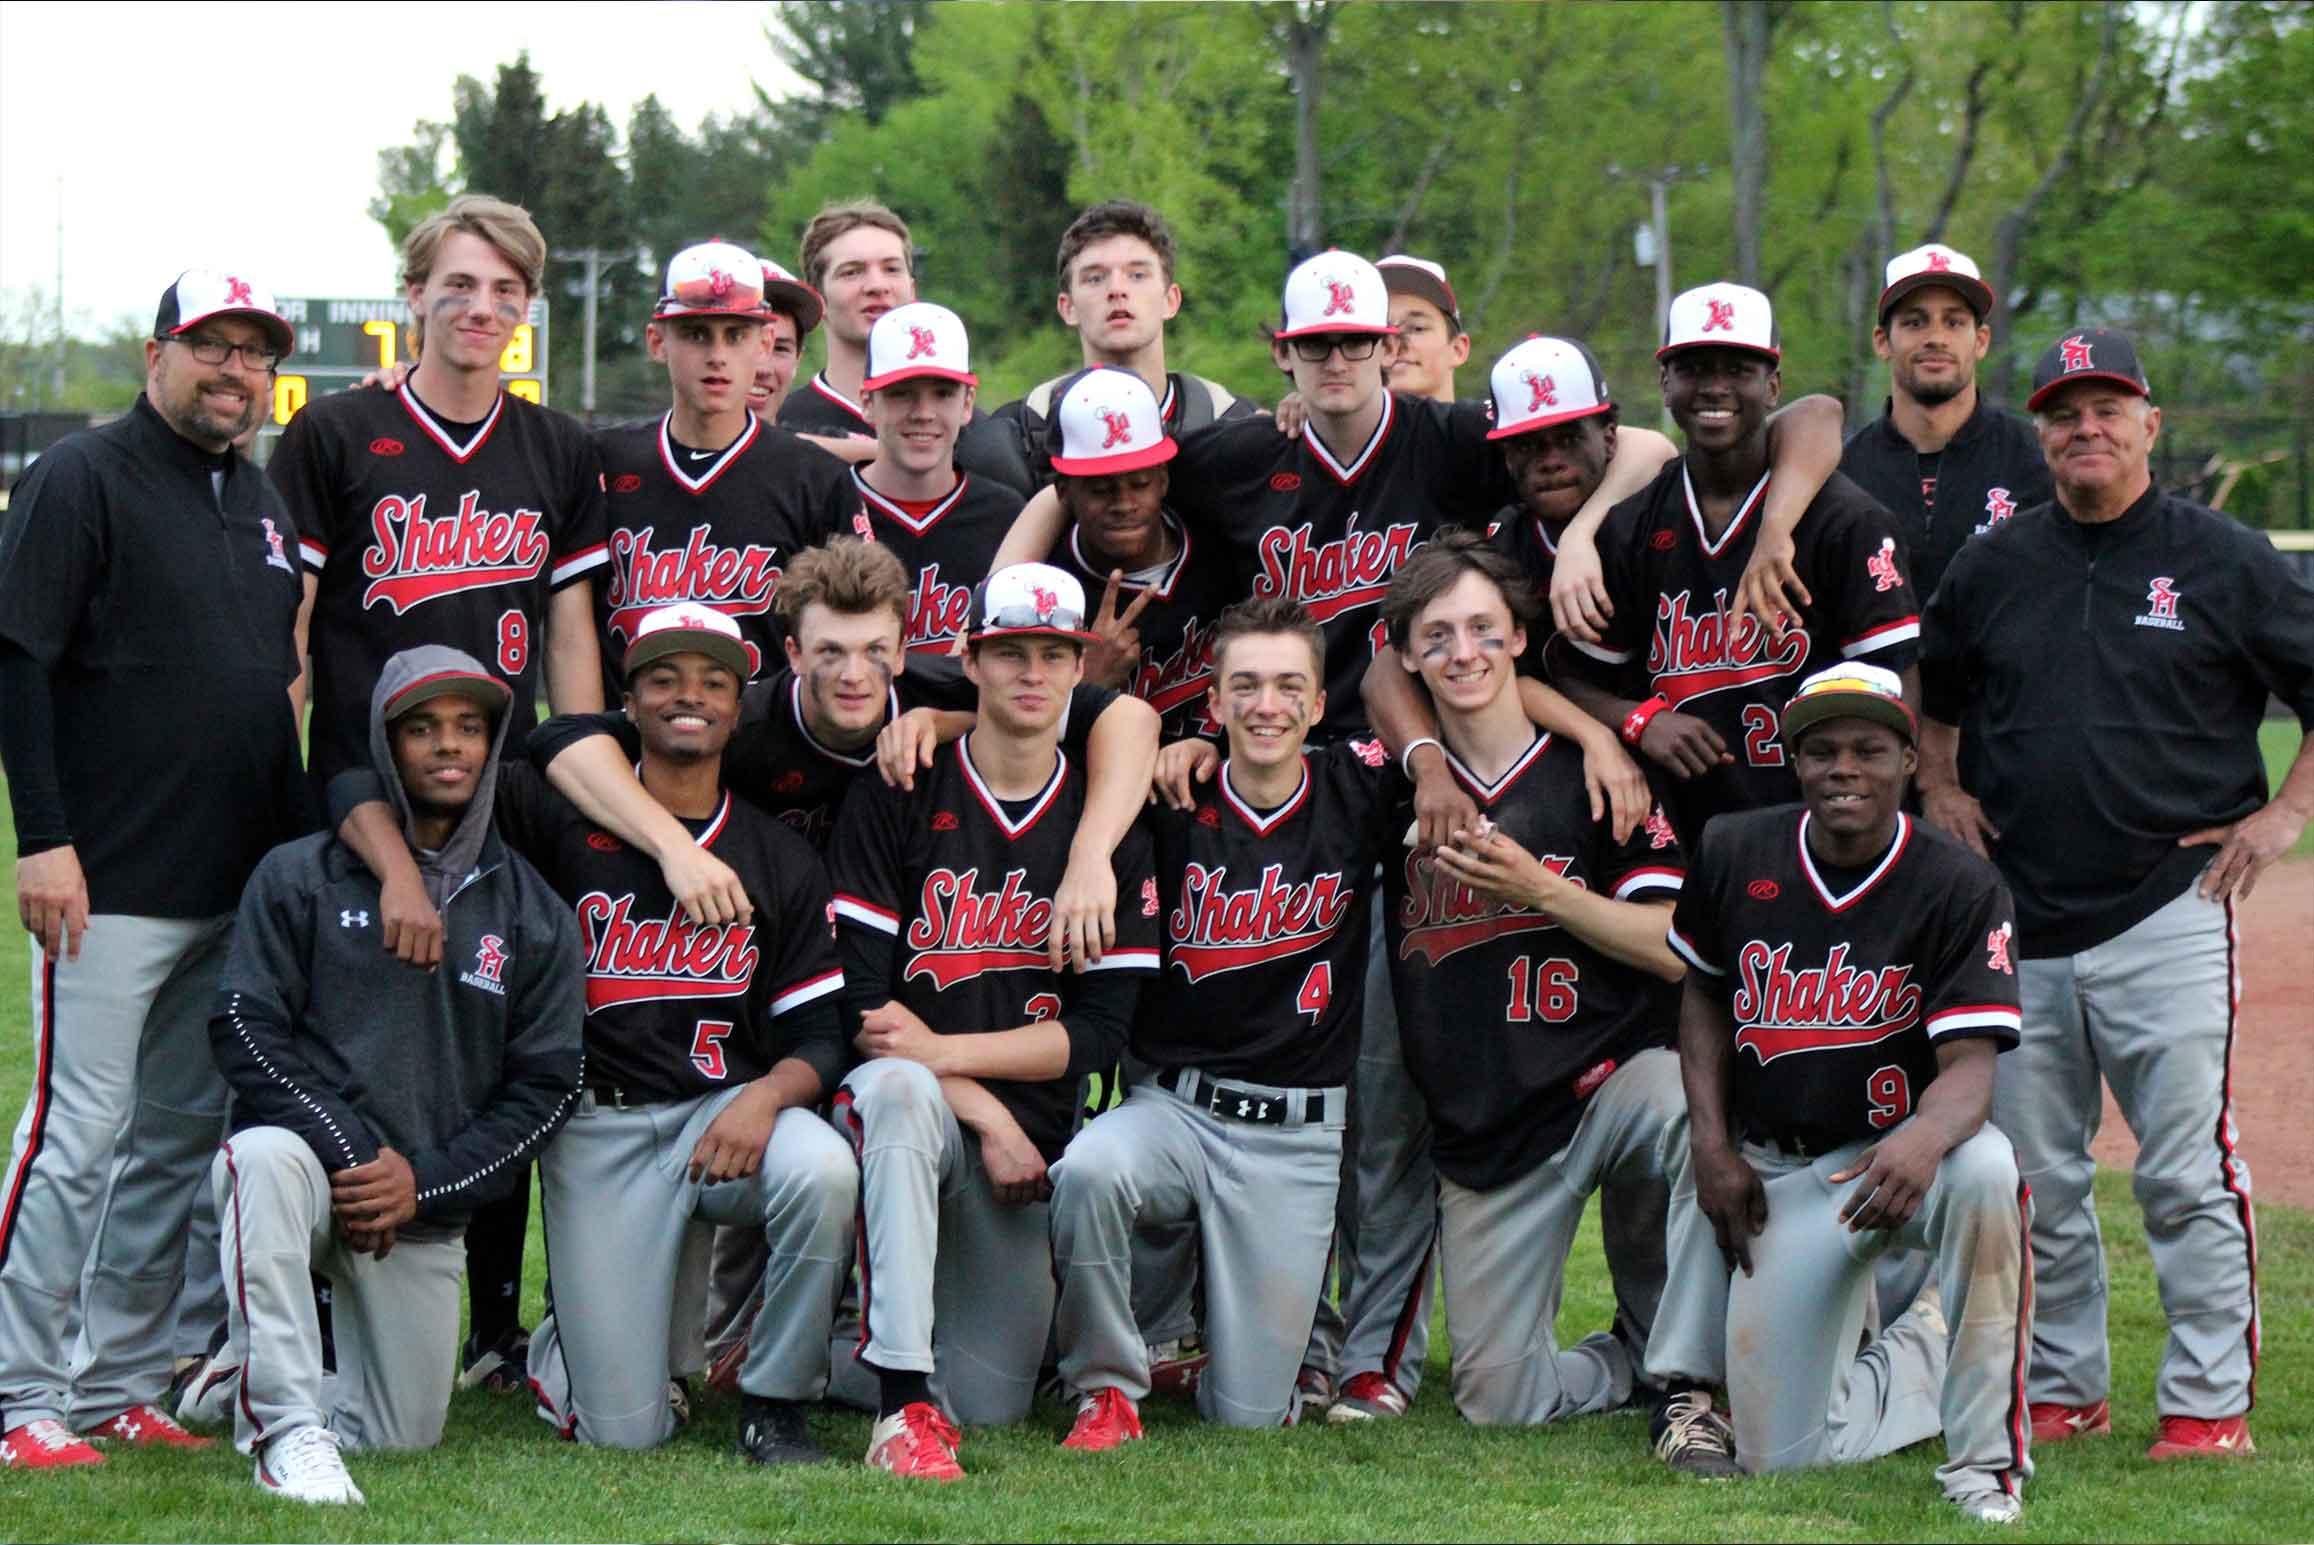 shaker baseball team